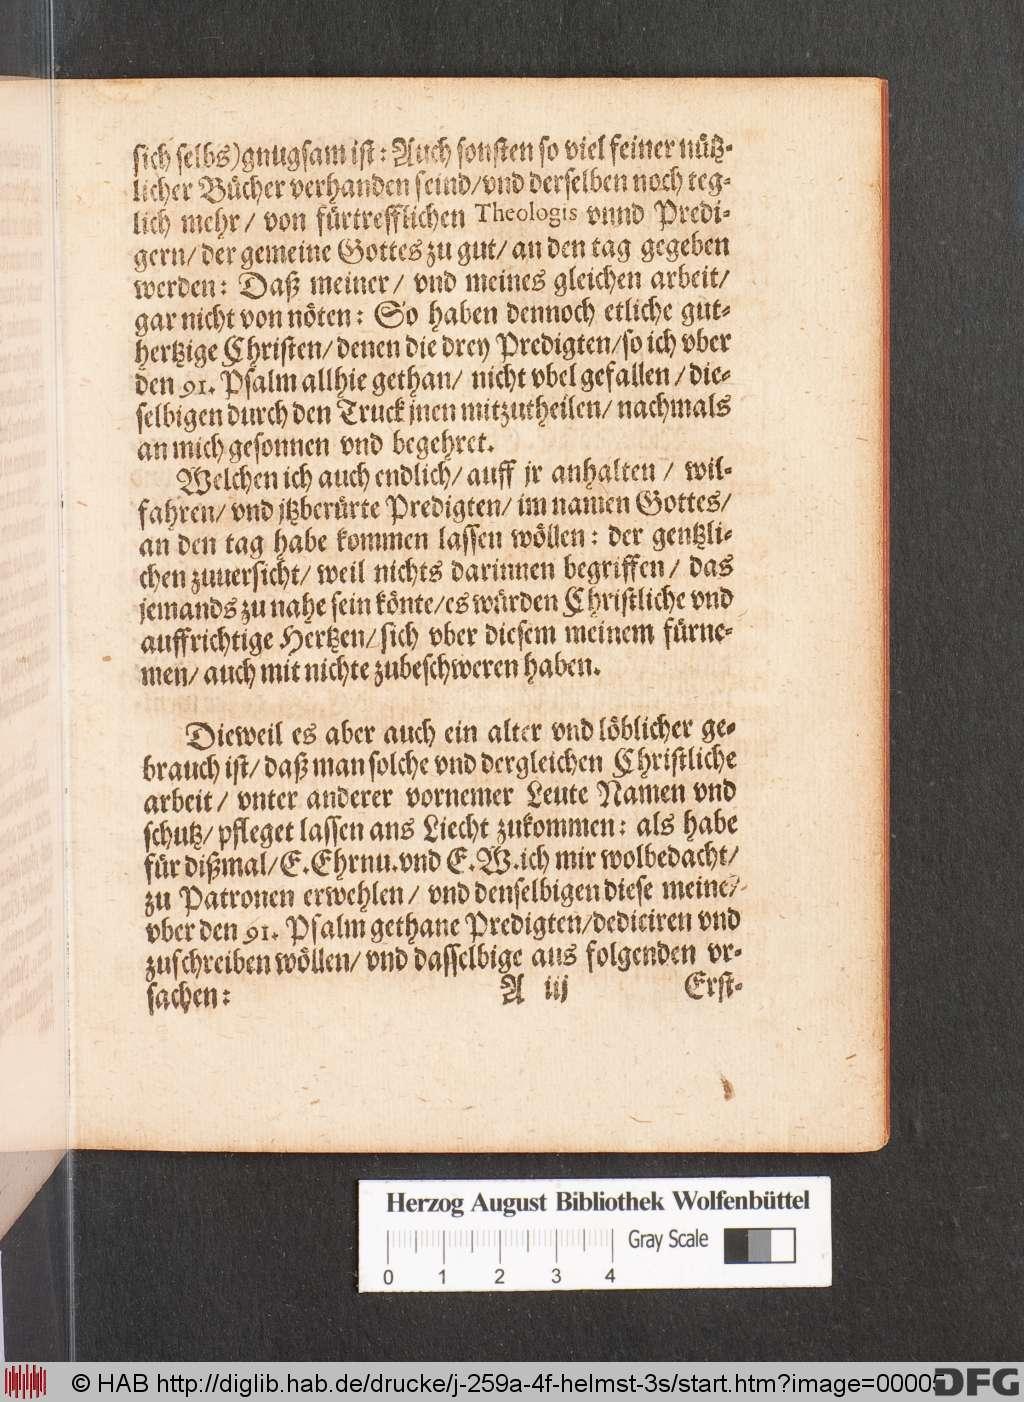 http://diglib.hab.de/drucke/j-259a-4f-helmst-3s/00005.jpg